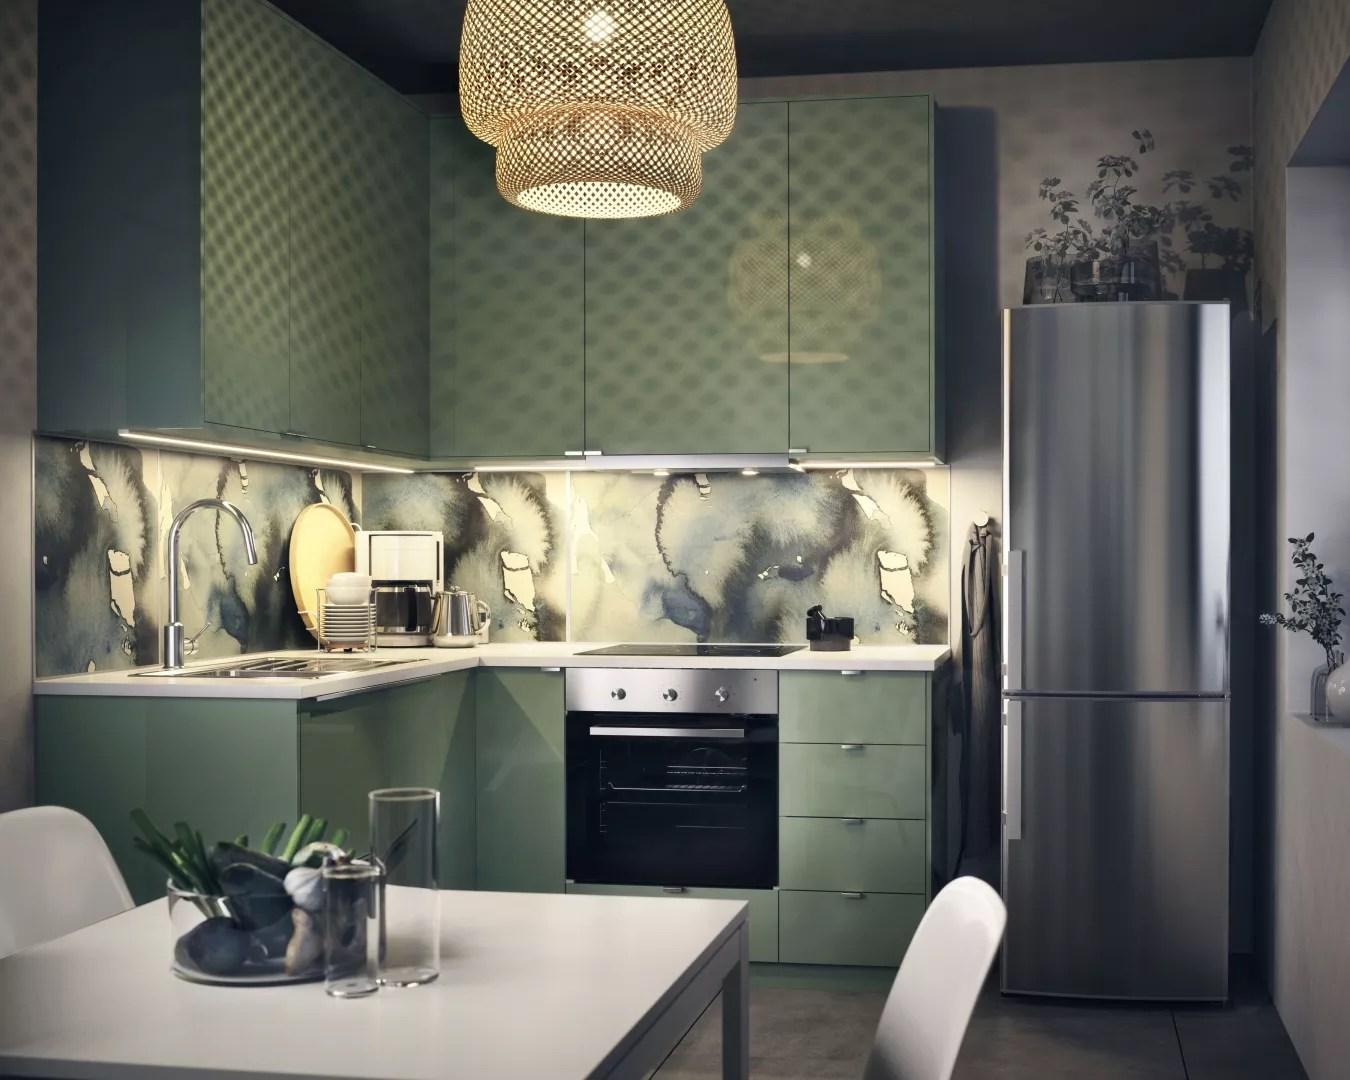 Keuken Ikea Inrichting : Interieur ikea lanceert design keuken met karakter u stijlvol